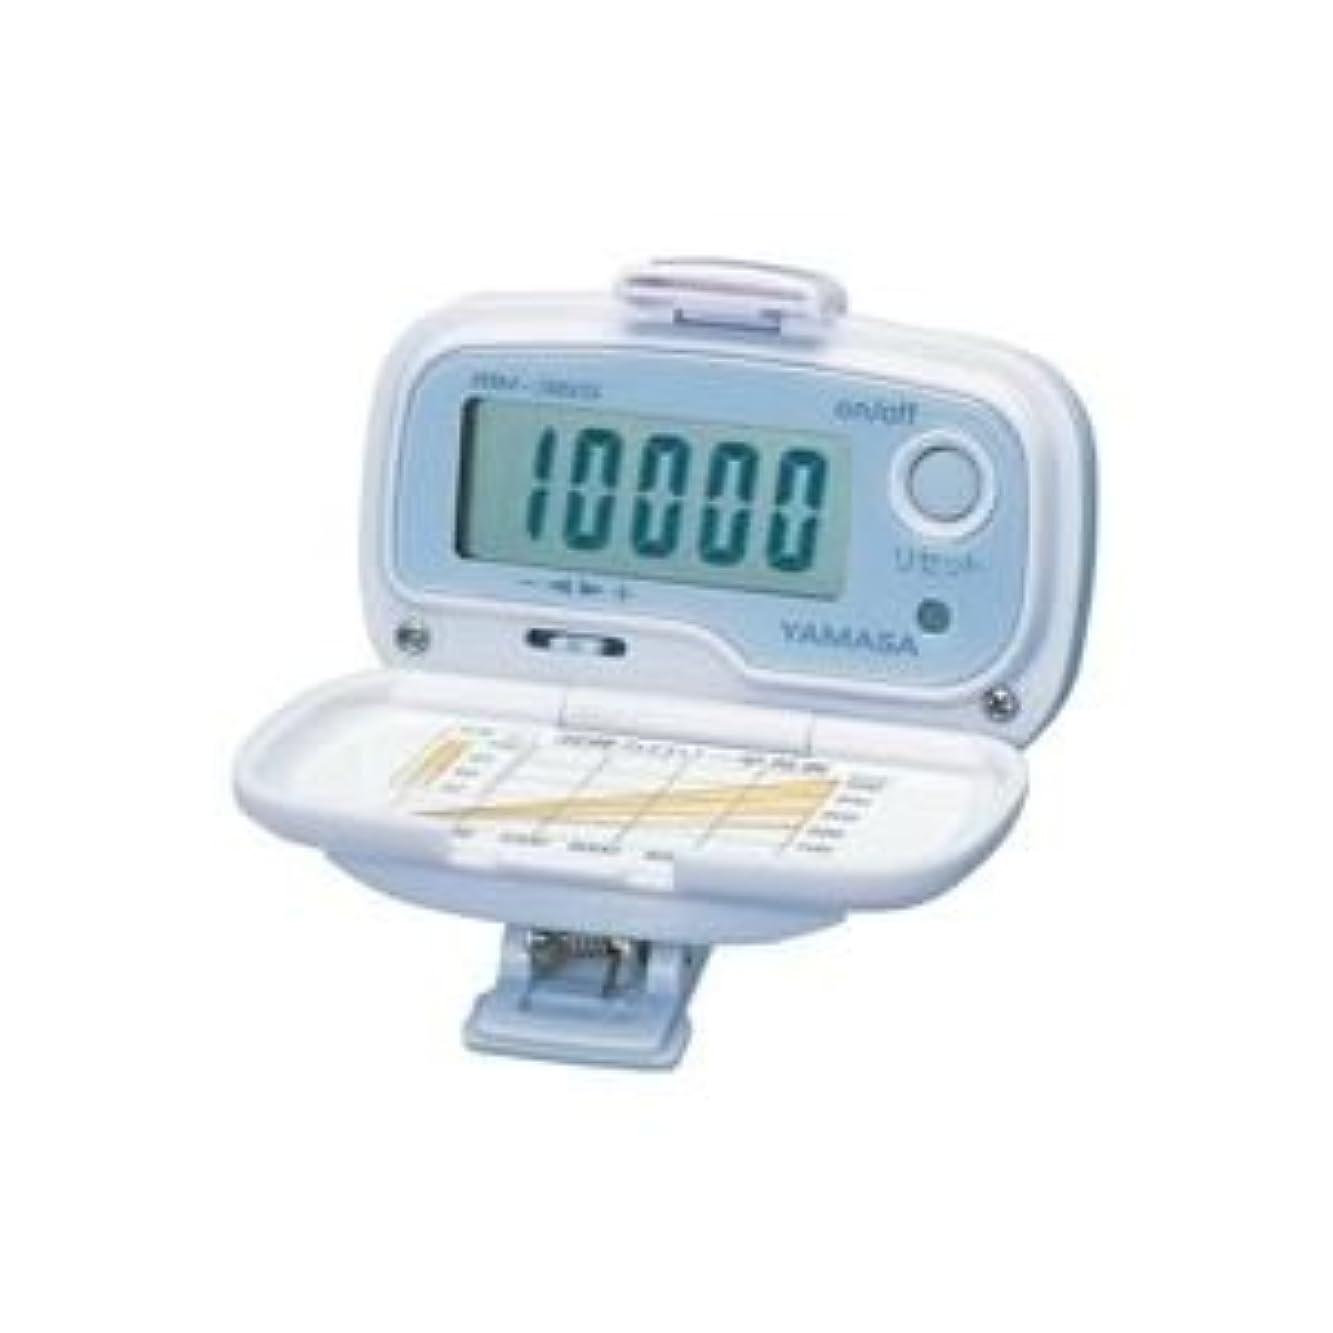 ラウズ堂々たる余分な(業務用30セット) 山佐時計計器 万歩計 MK-365(LS)